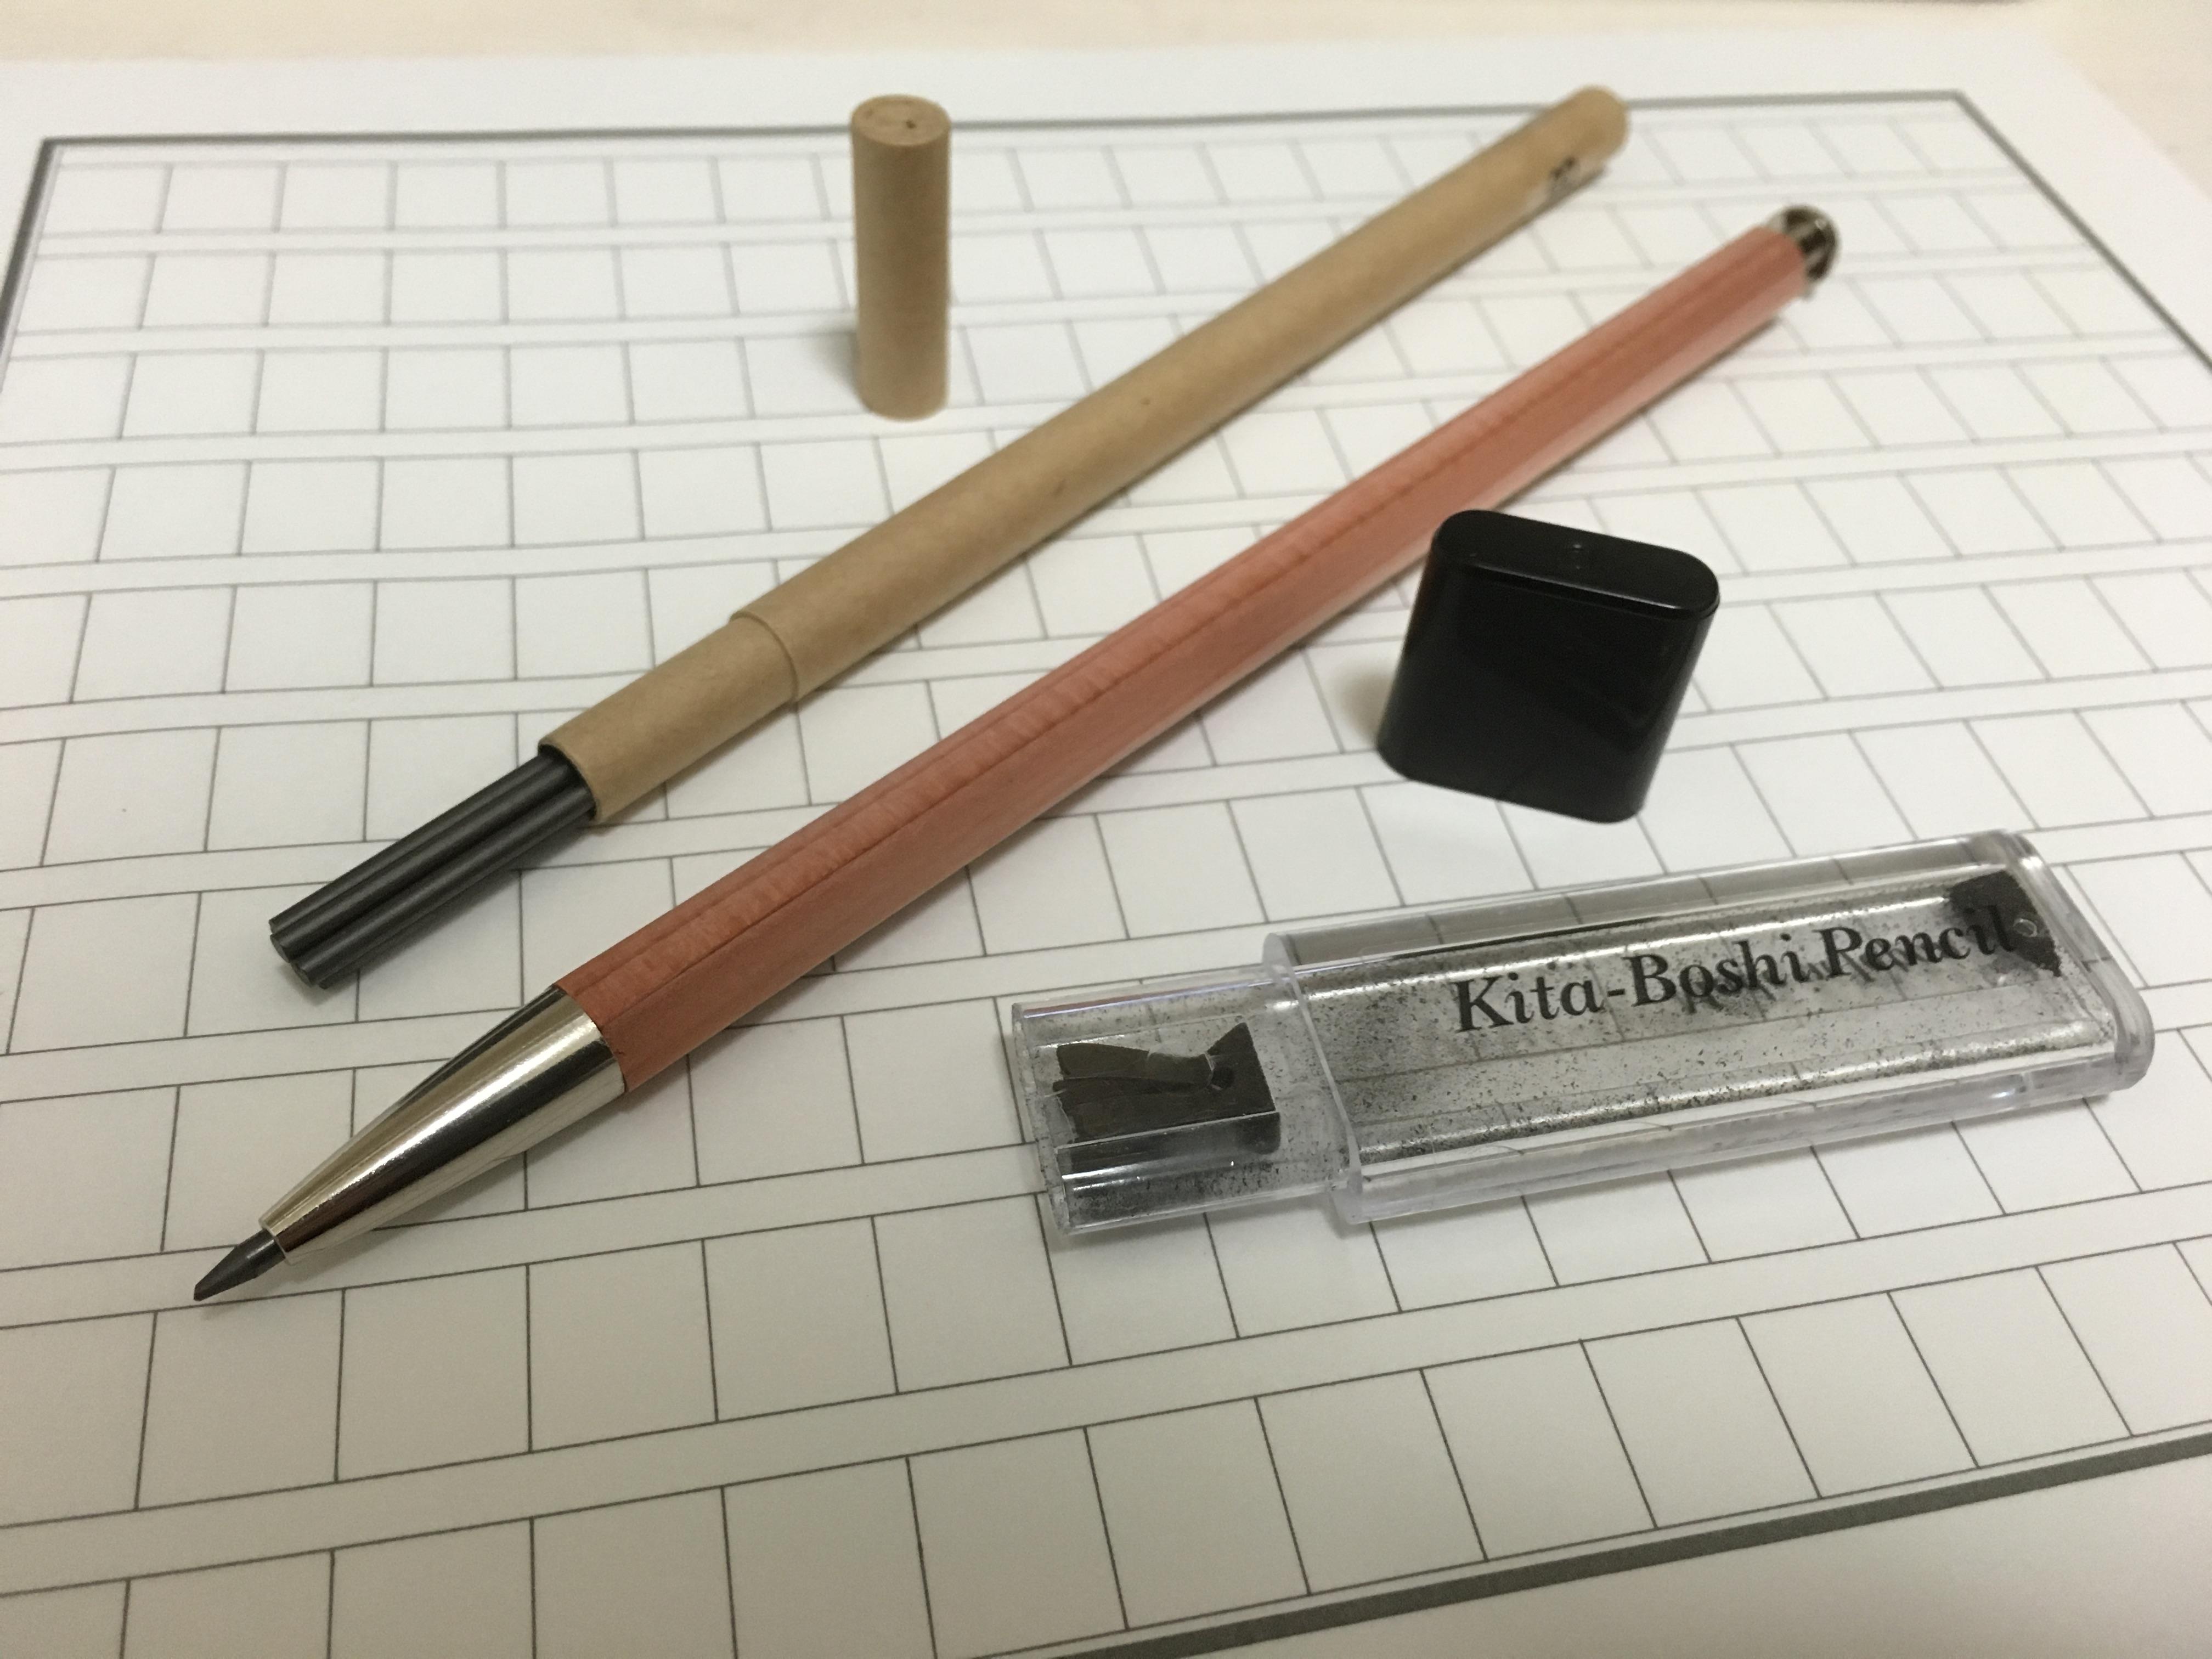 大人の鉛筆 – 木のぬくもりが最高に懐かしい2mm芯シャープペンシル。いや、芯ホルダー。